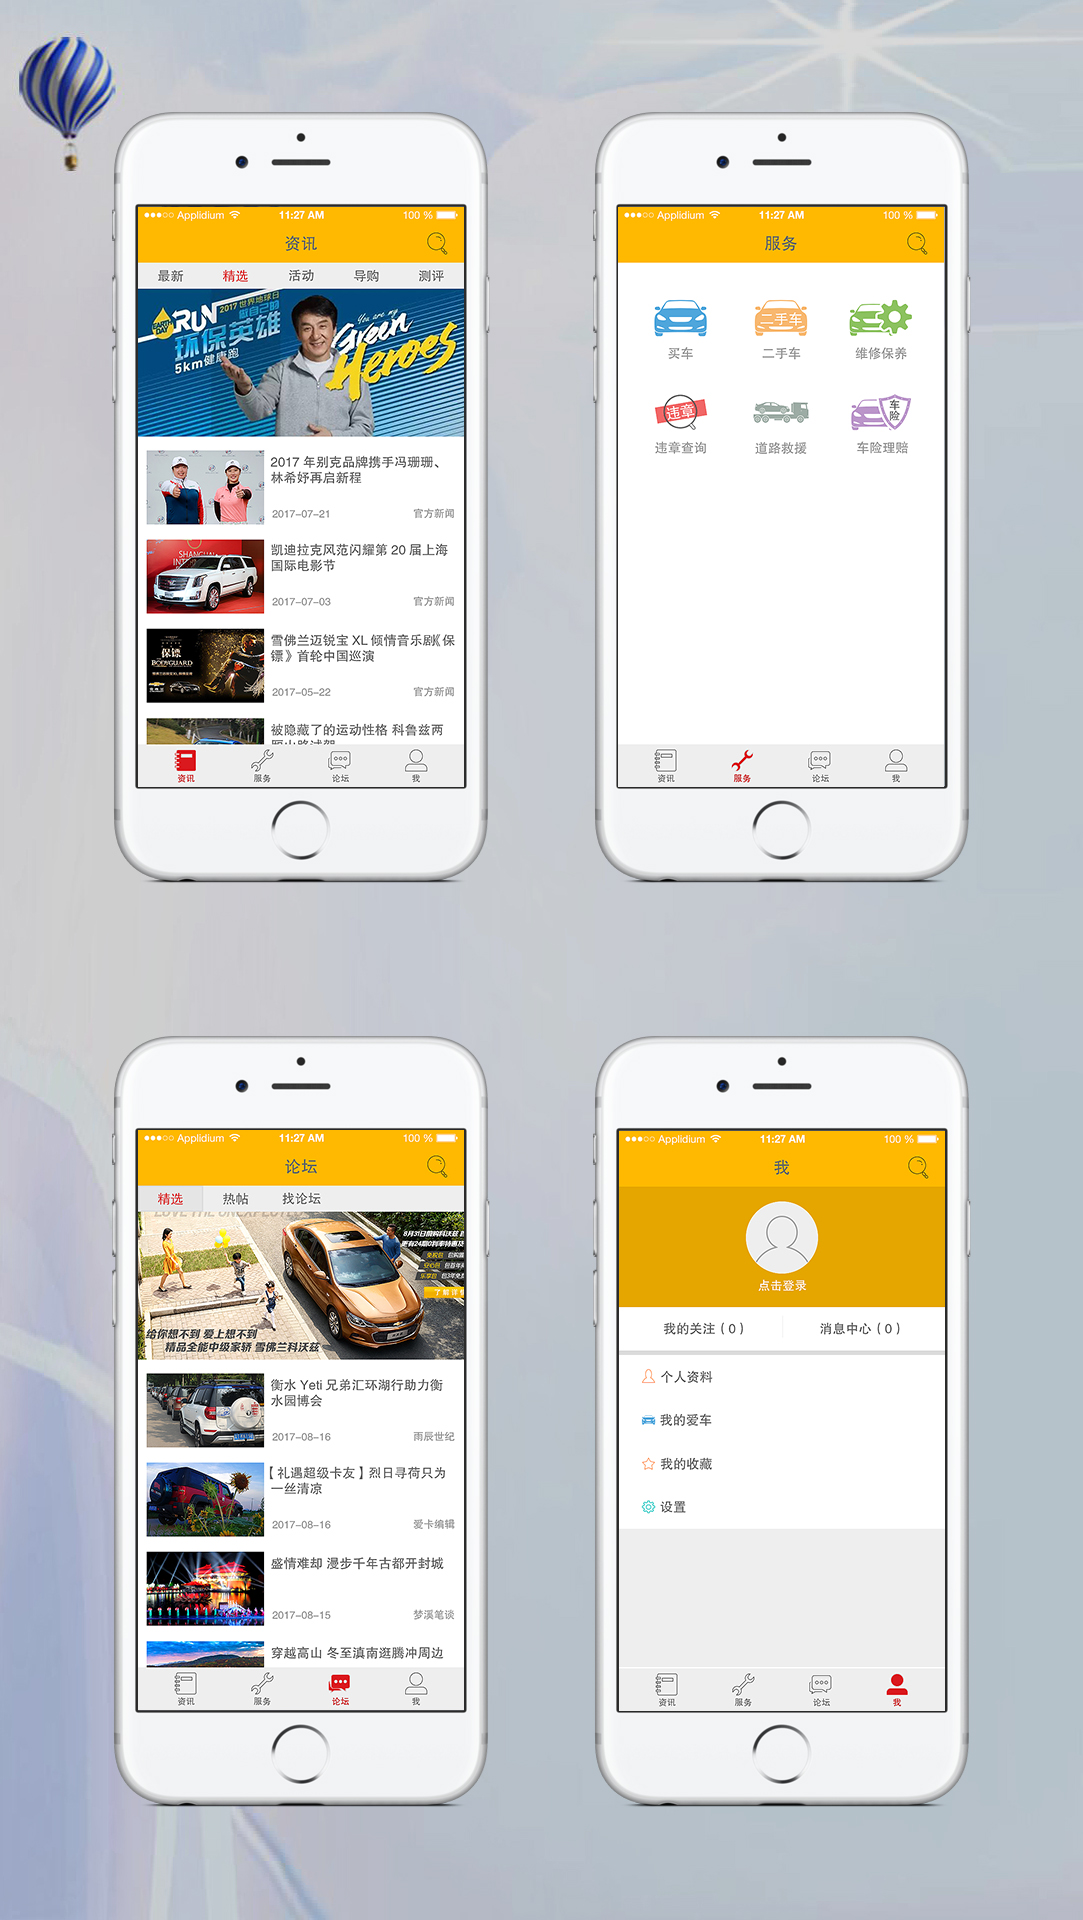 二手车手机软件案例UI界面